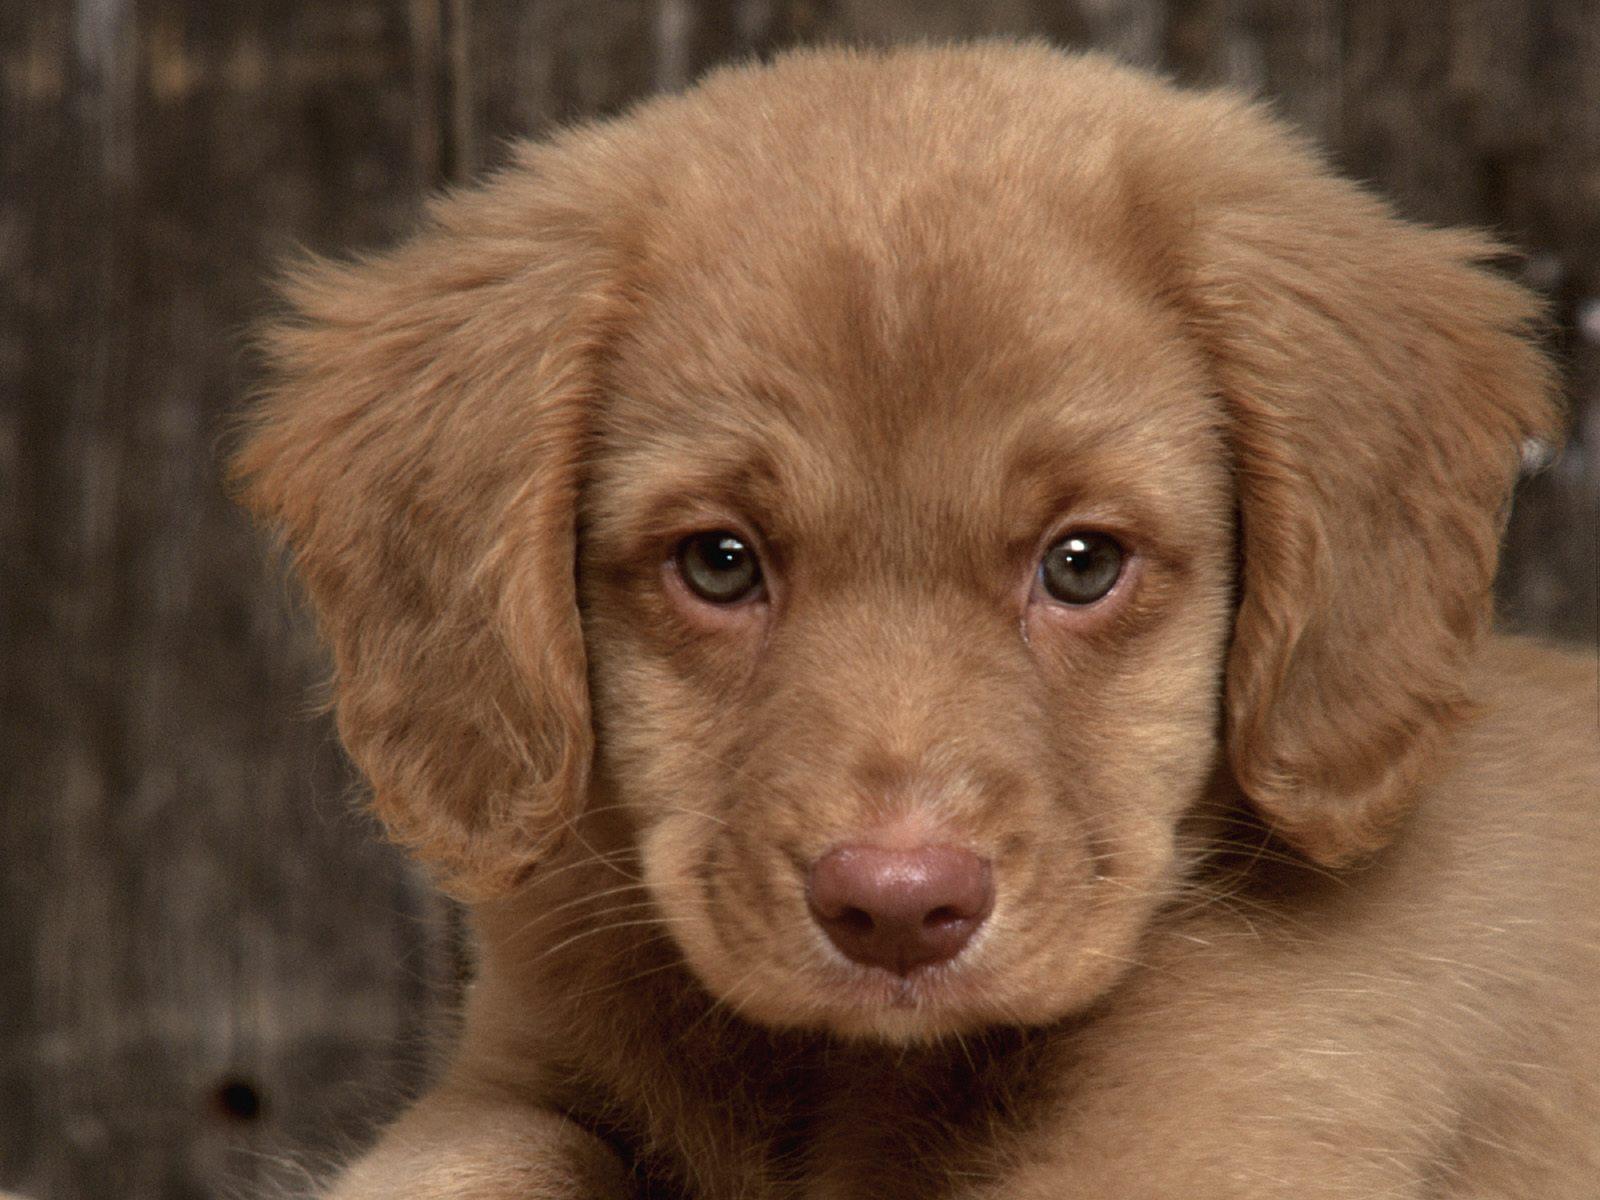 Fotos de perros tiernos 2